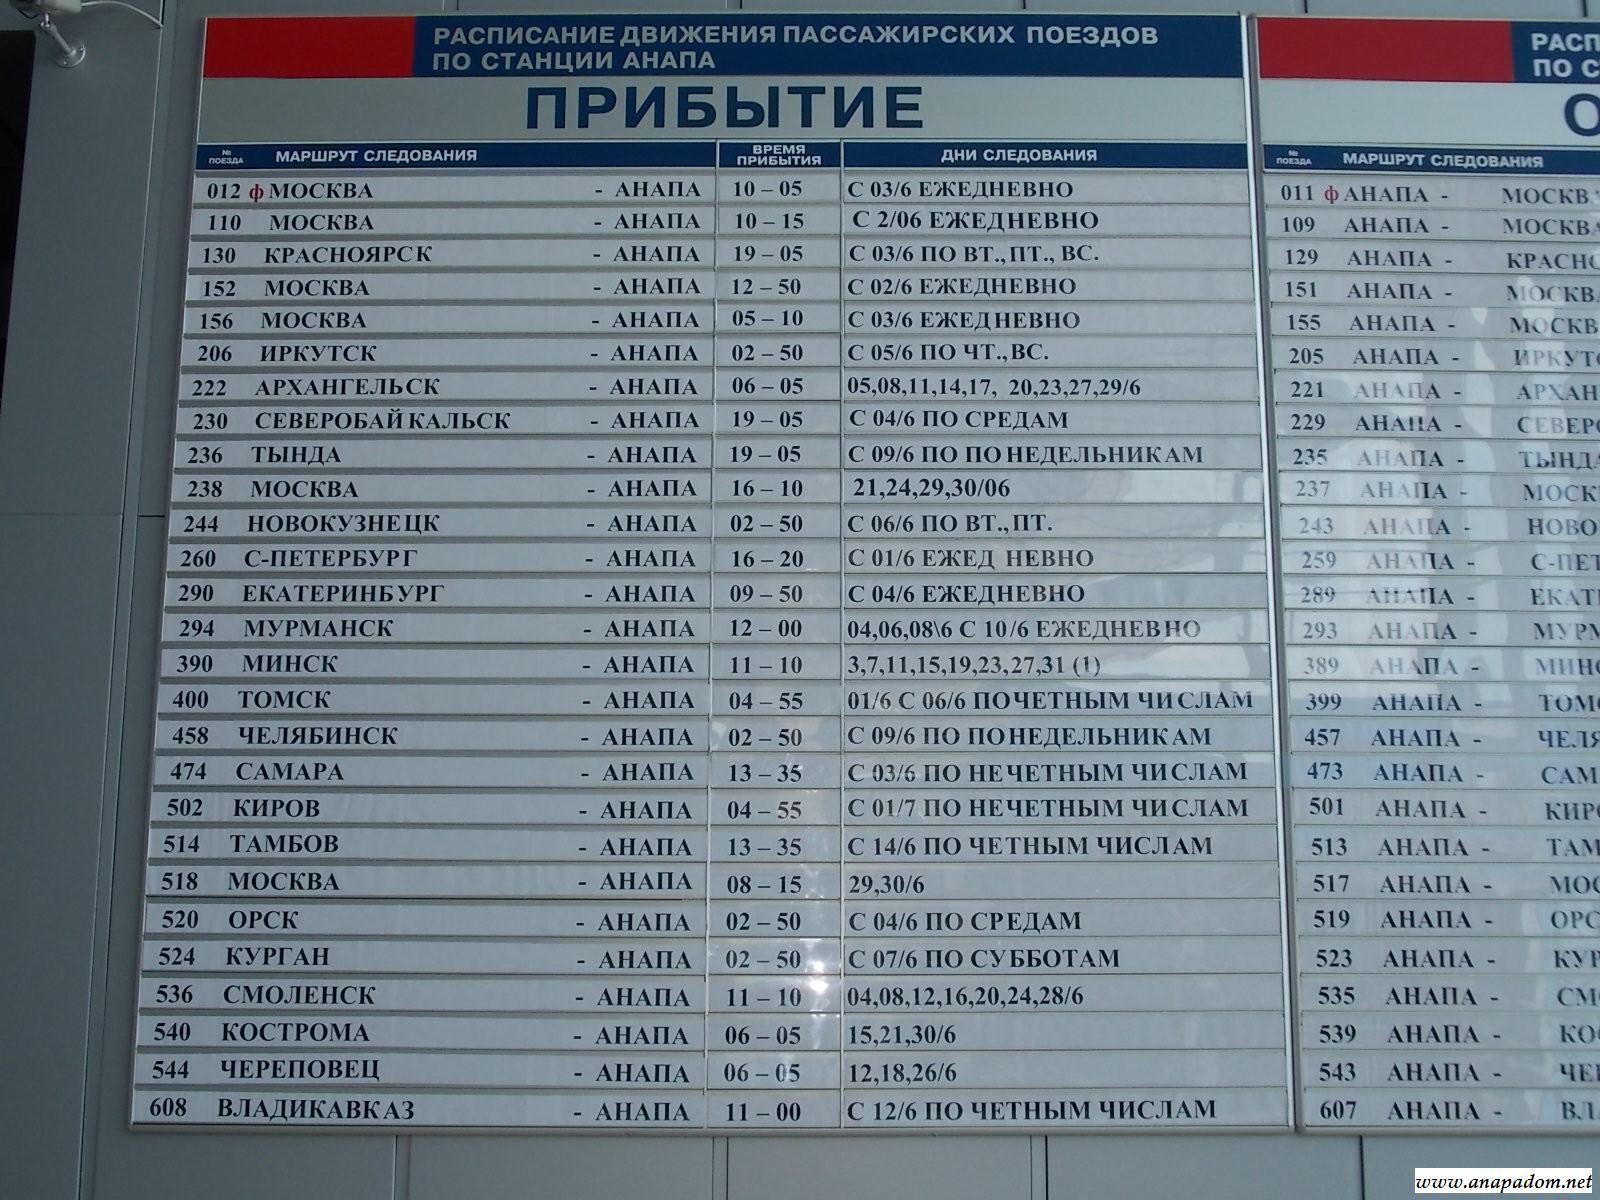 определитесь: поезд анапа новокузнецк расписание цена билета только